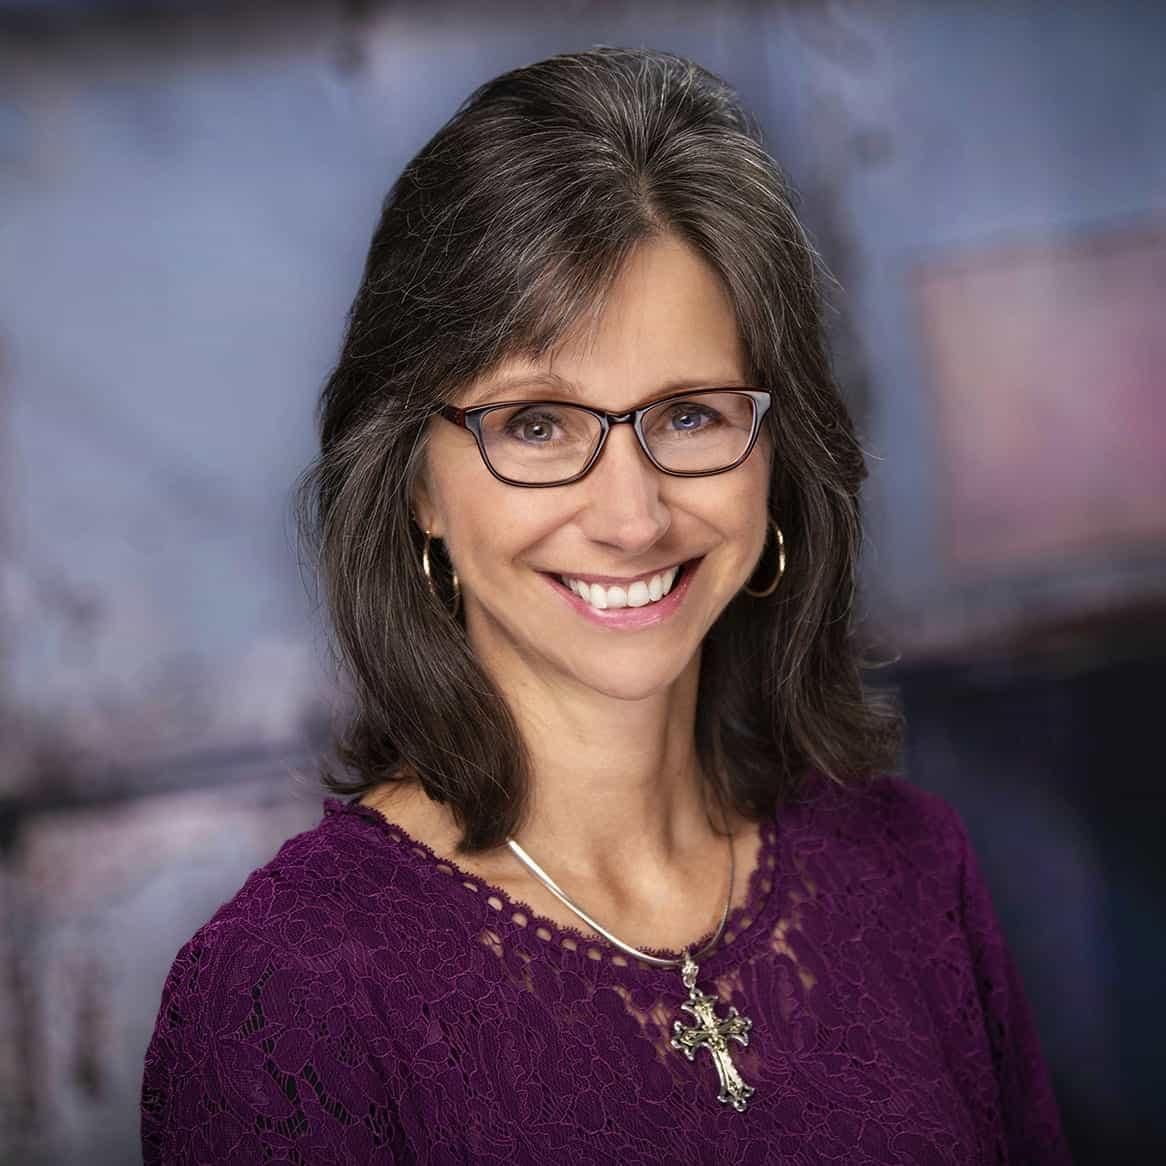 Pamela Piquette